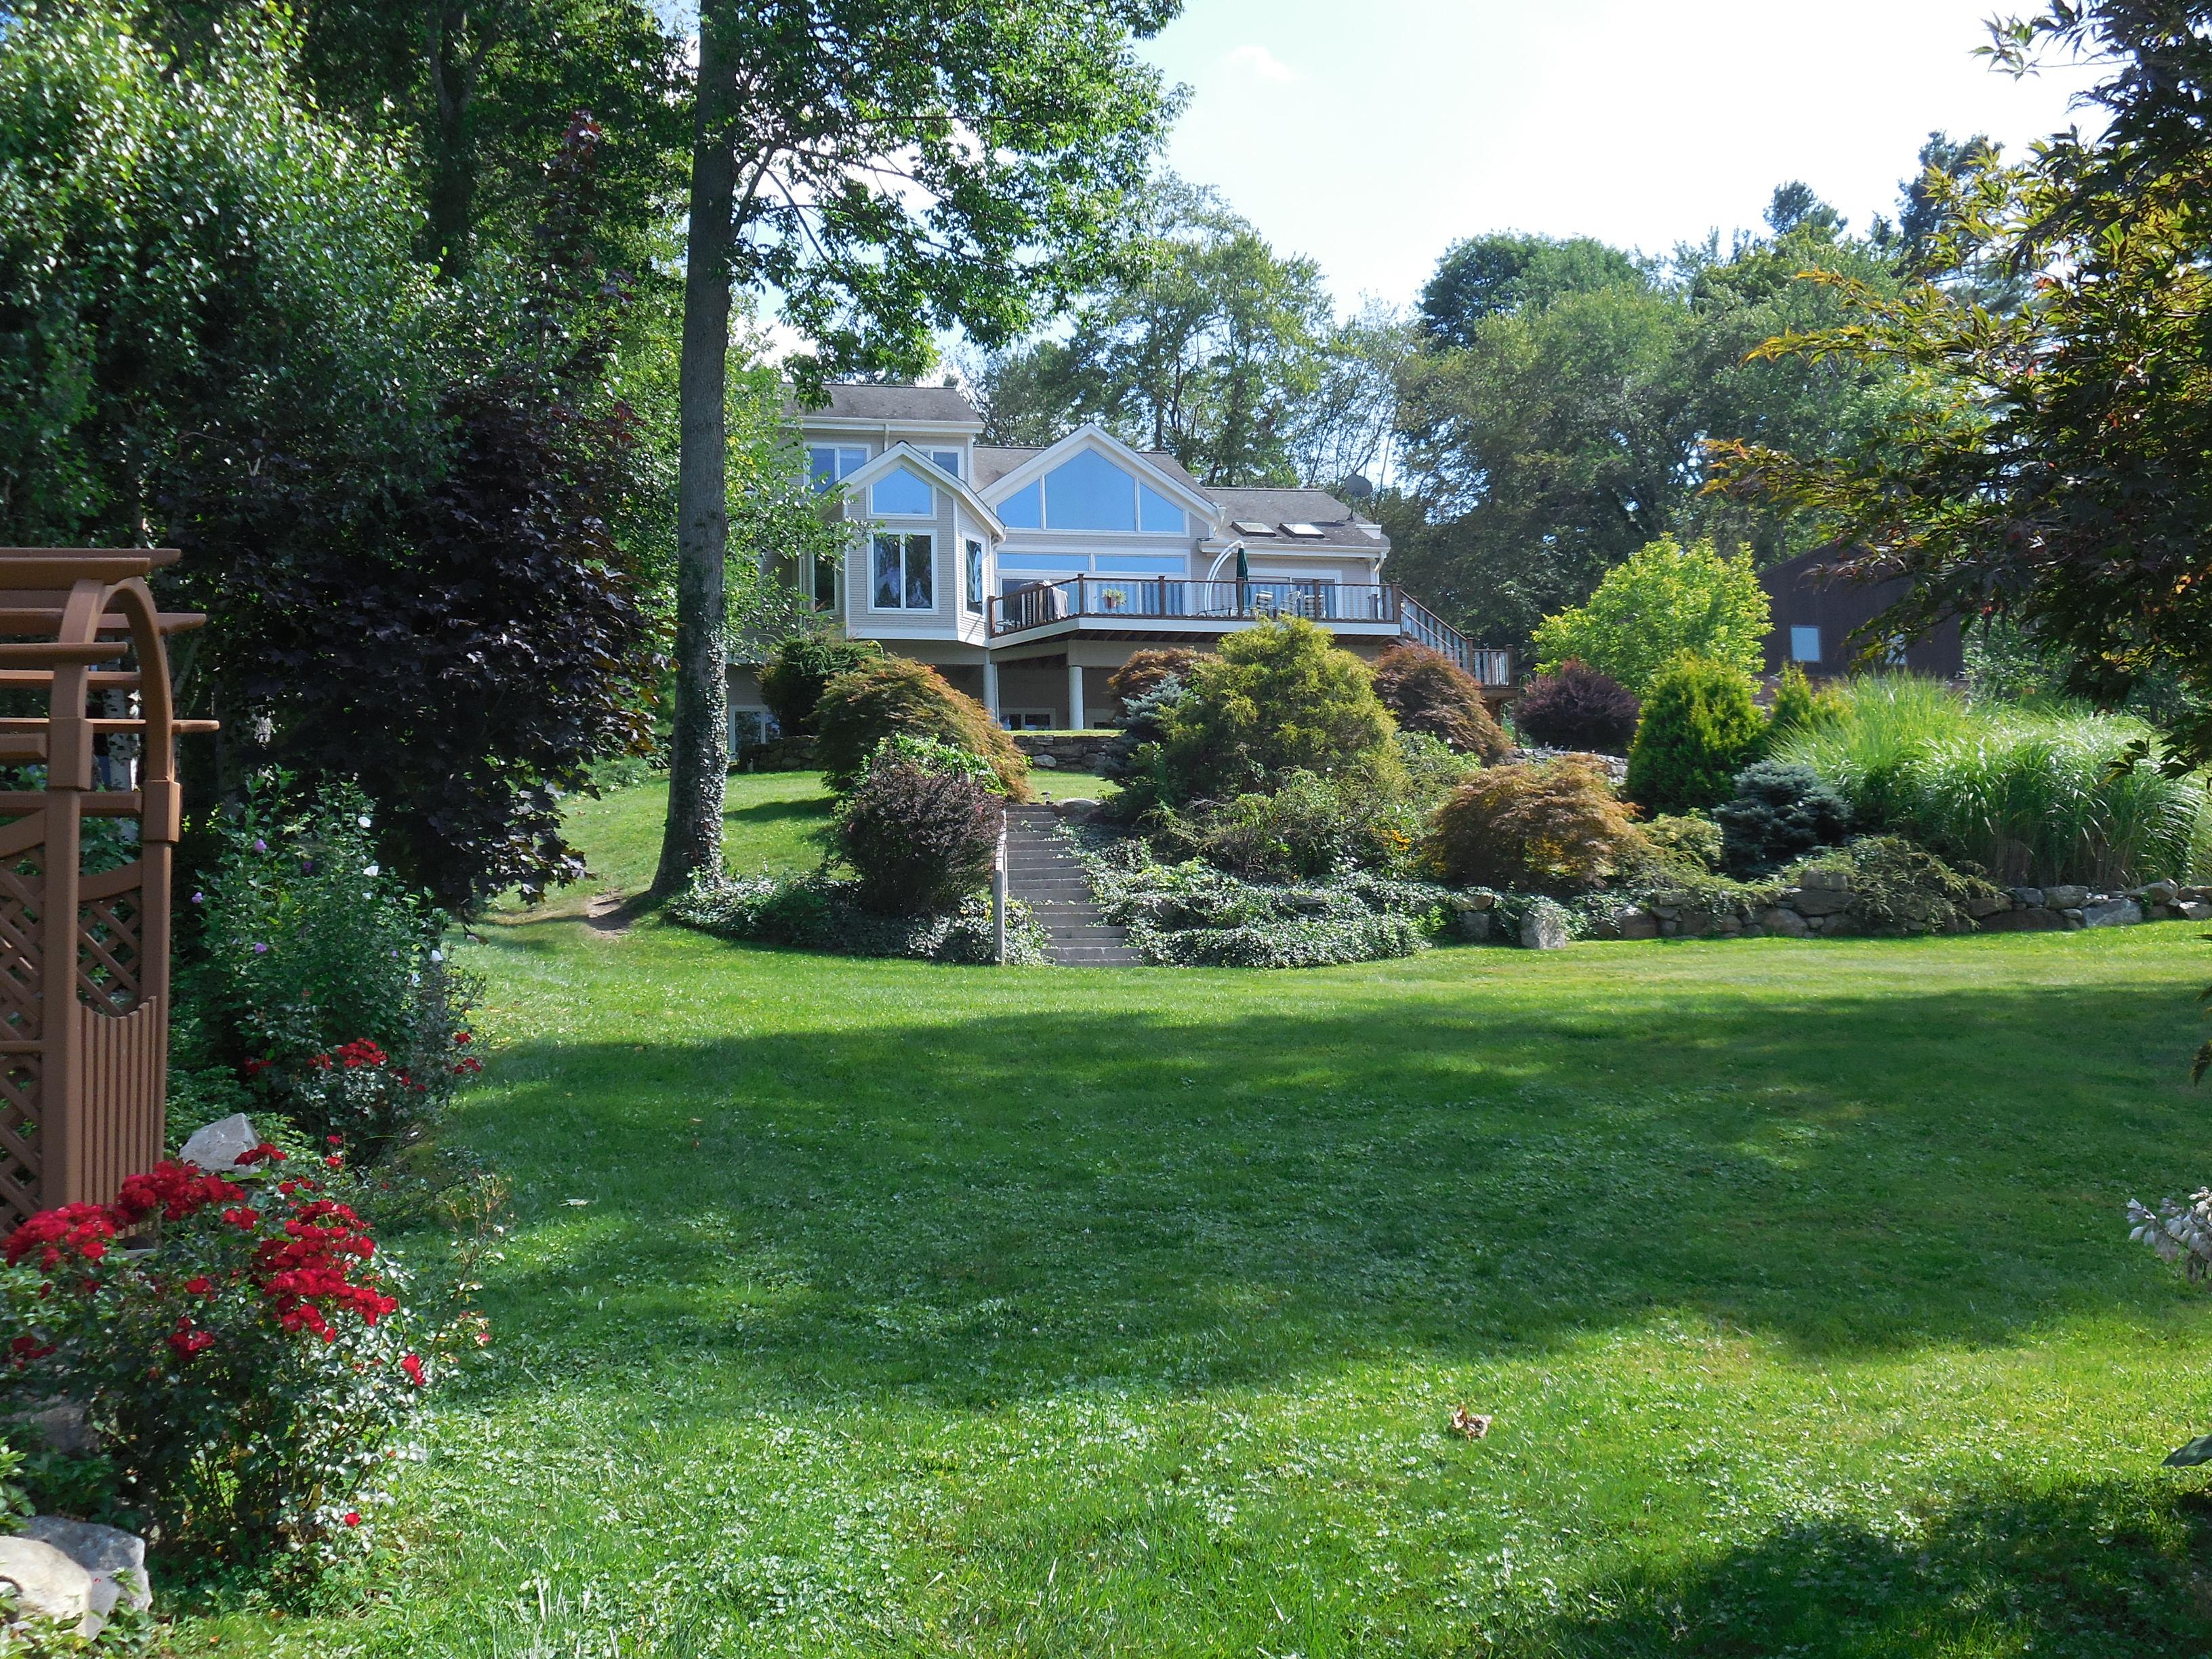 独户住宅 为 销售 在 Waterfront Home With Captivating Sunsets 26 Pocono Point Road 丹伯里, 康涅狄格州, 06811 美国